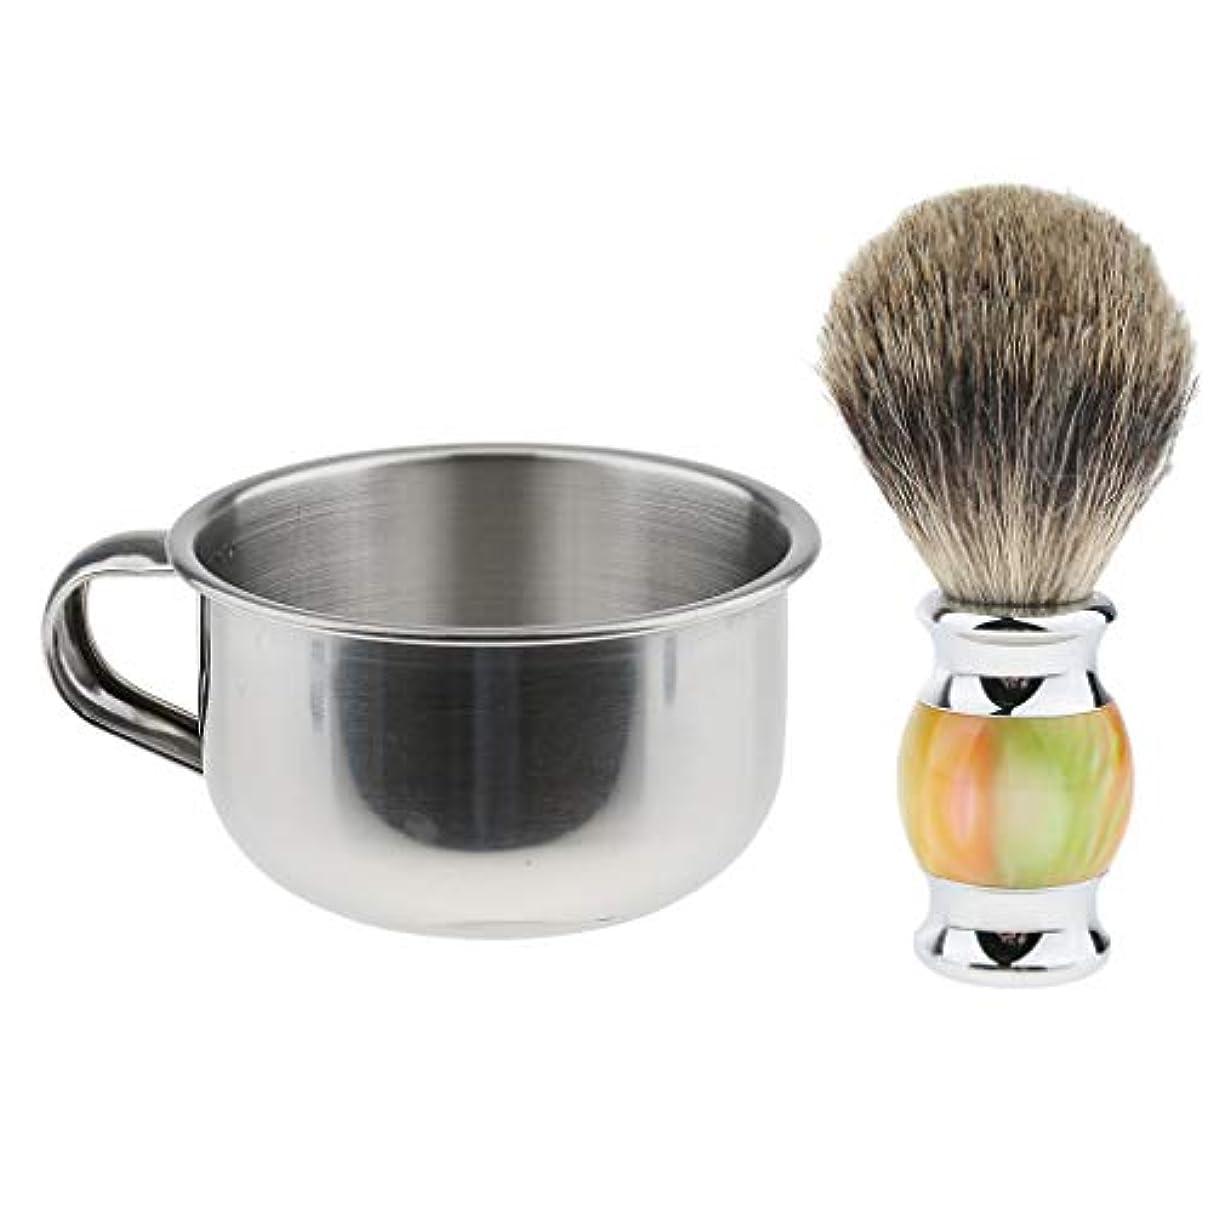 マングル変なシネマdailymall ハンドルが付いている8cmのステンレス鋼の人の剃るボールのコップのマグ+剃るブラシセット